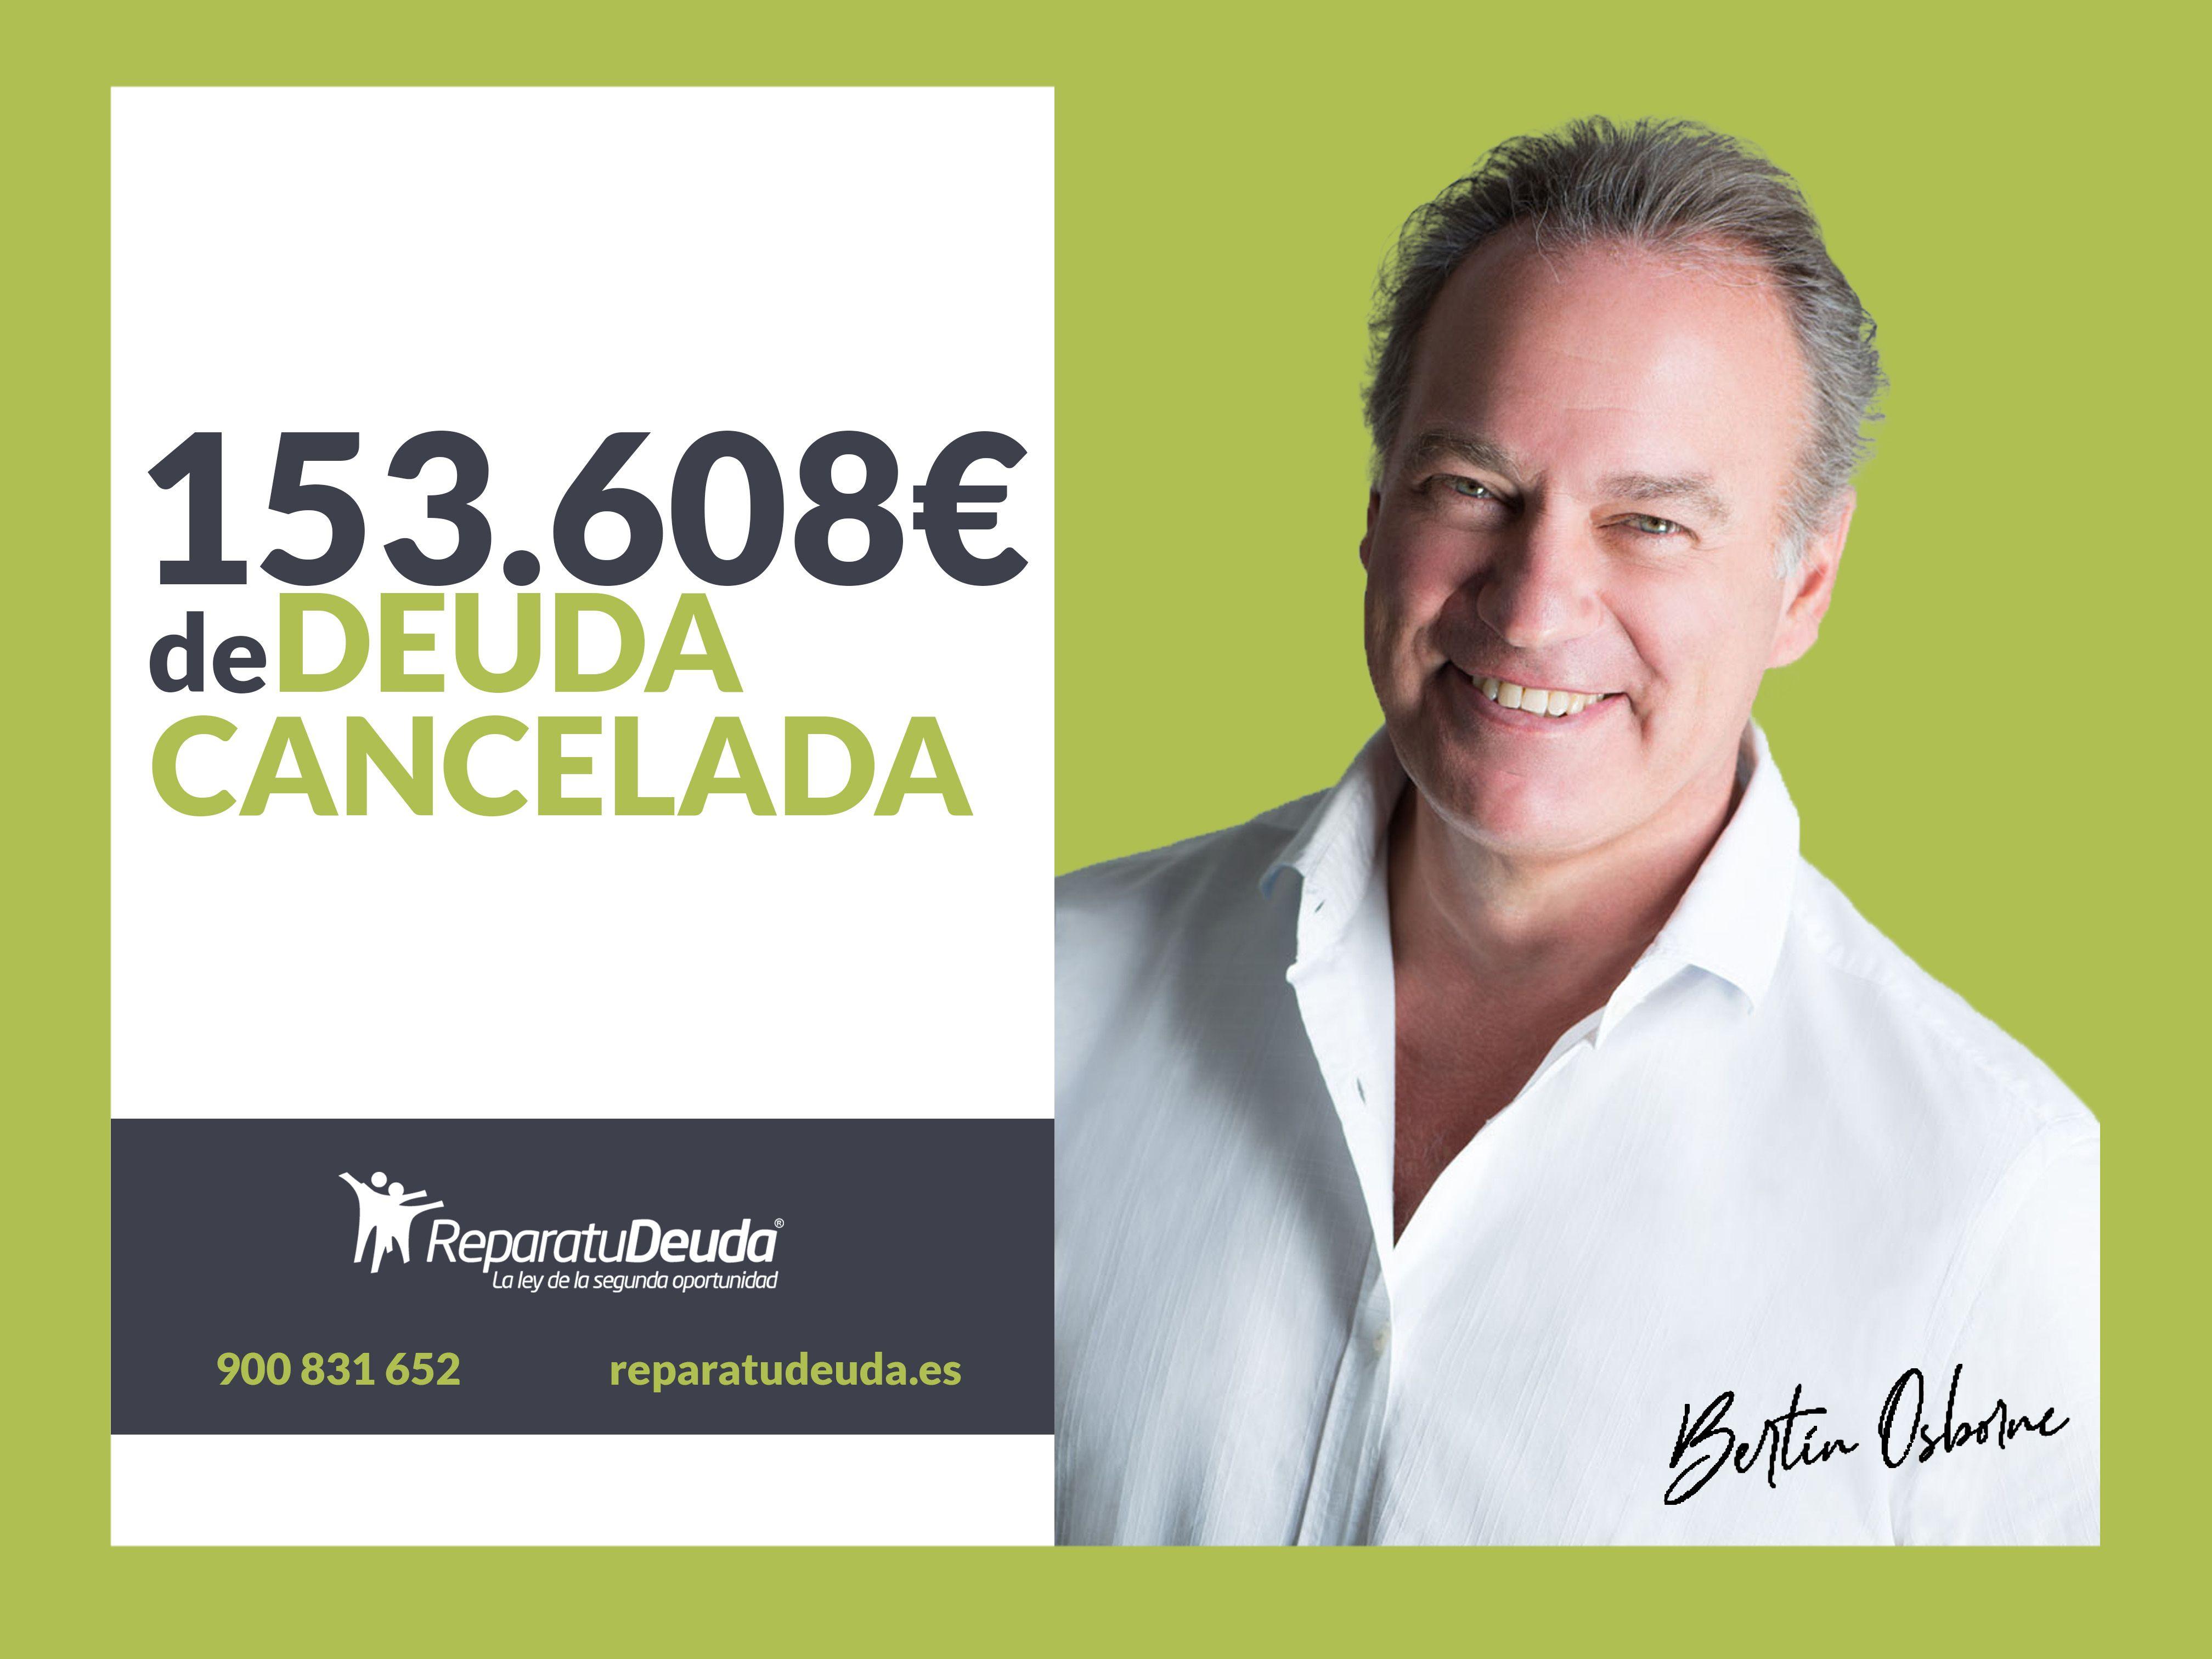 Repara tu Deuda abogados cancela 153.608 ? de deuda en Barcelona, con la Ley de Segunda Oportunidad